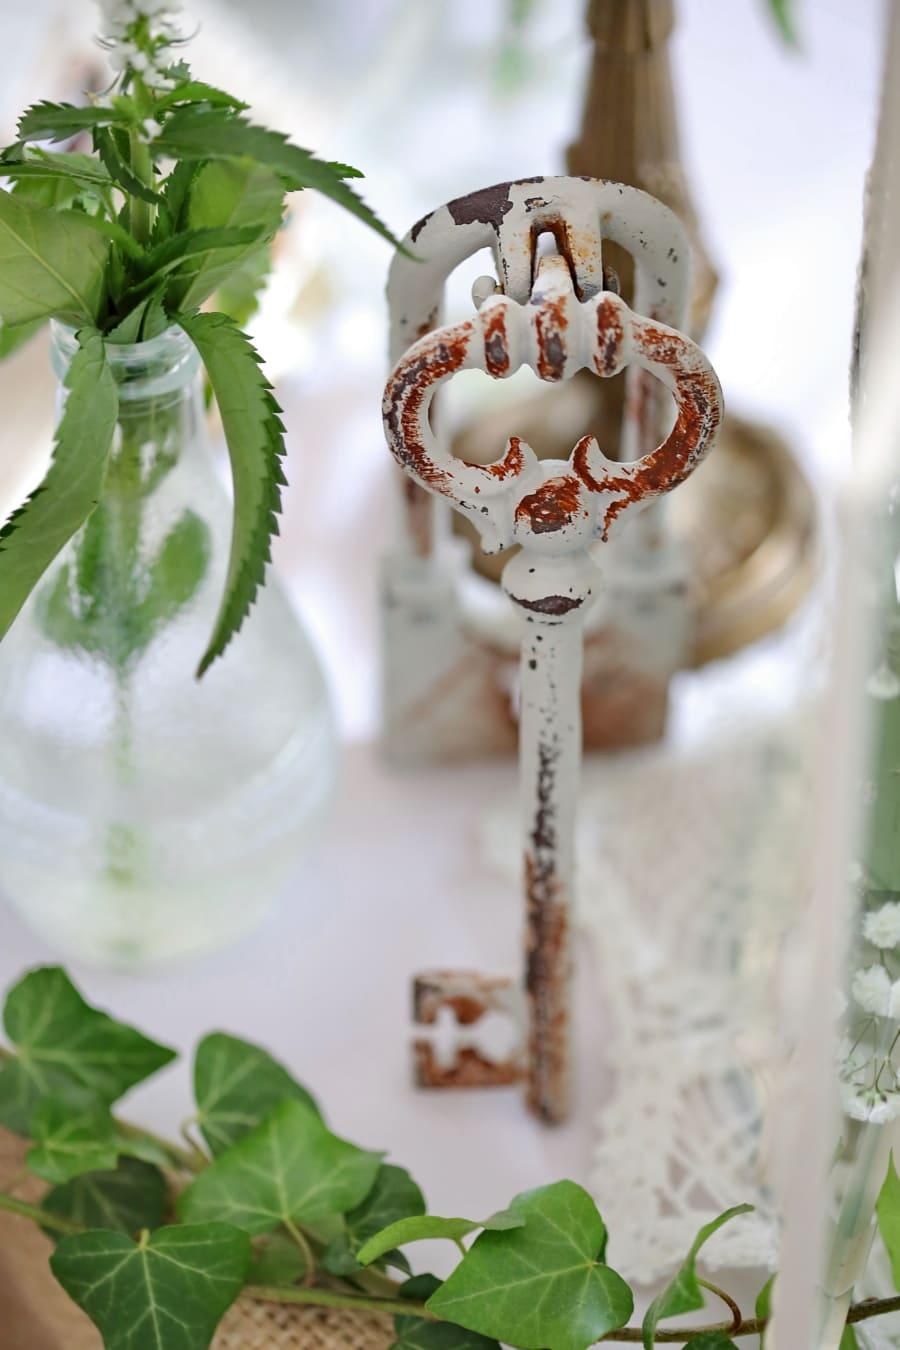 clé, clé métallique, vieux, Old-fashioned, rouille, Metal, style ancien, feuille, décoration, nature morte